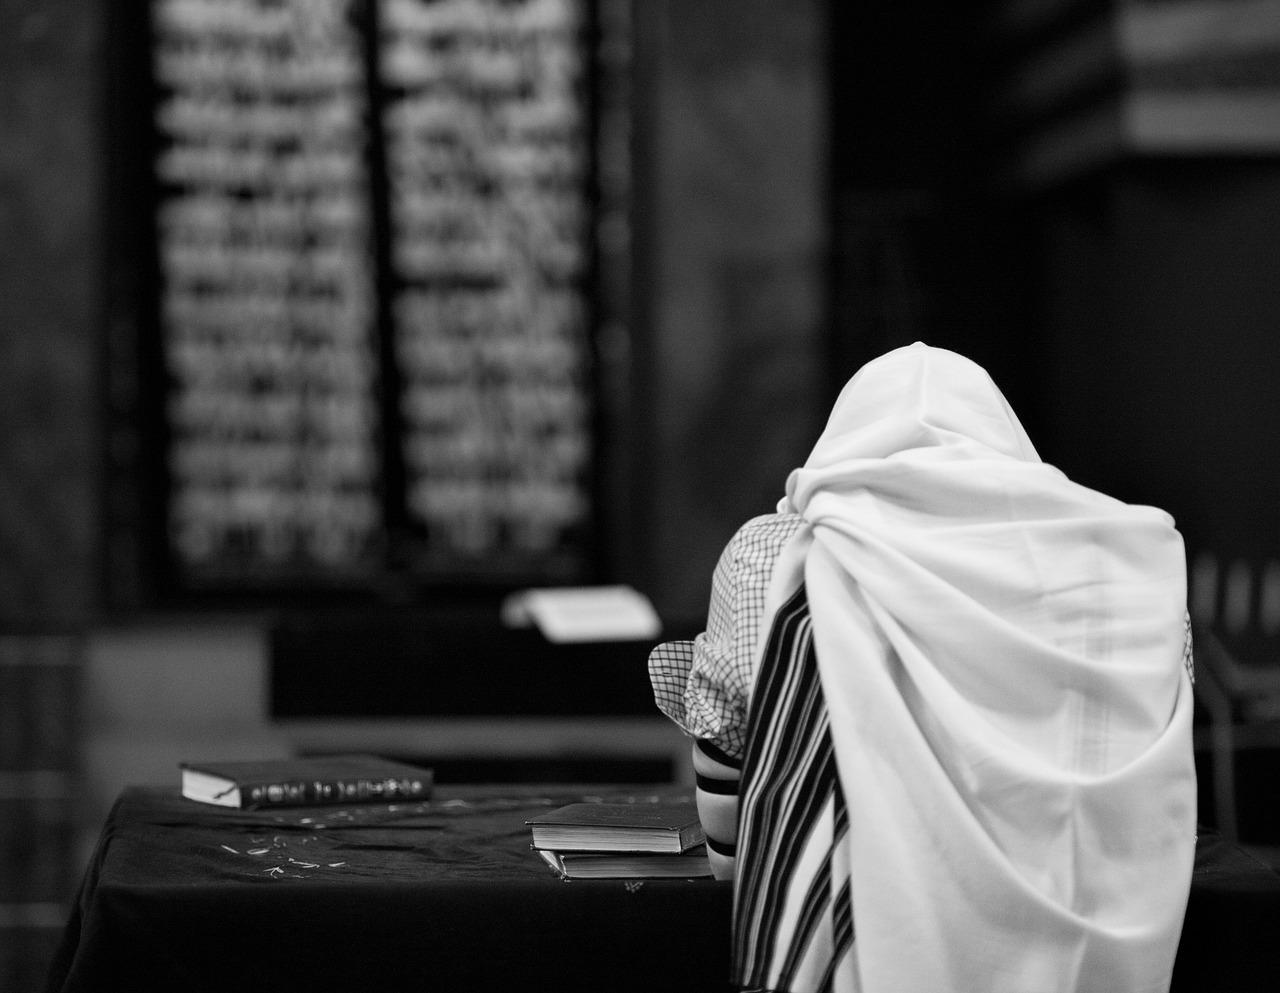 איש מתפלל